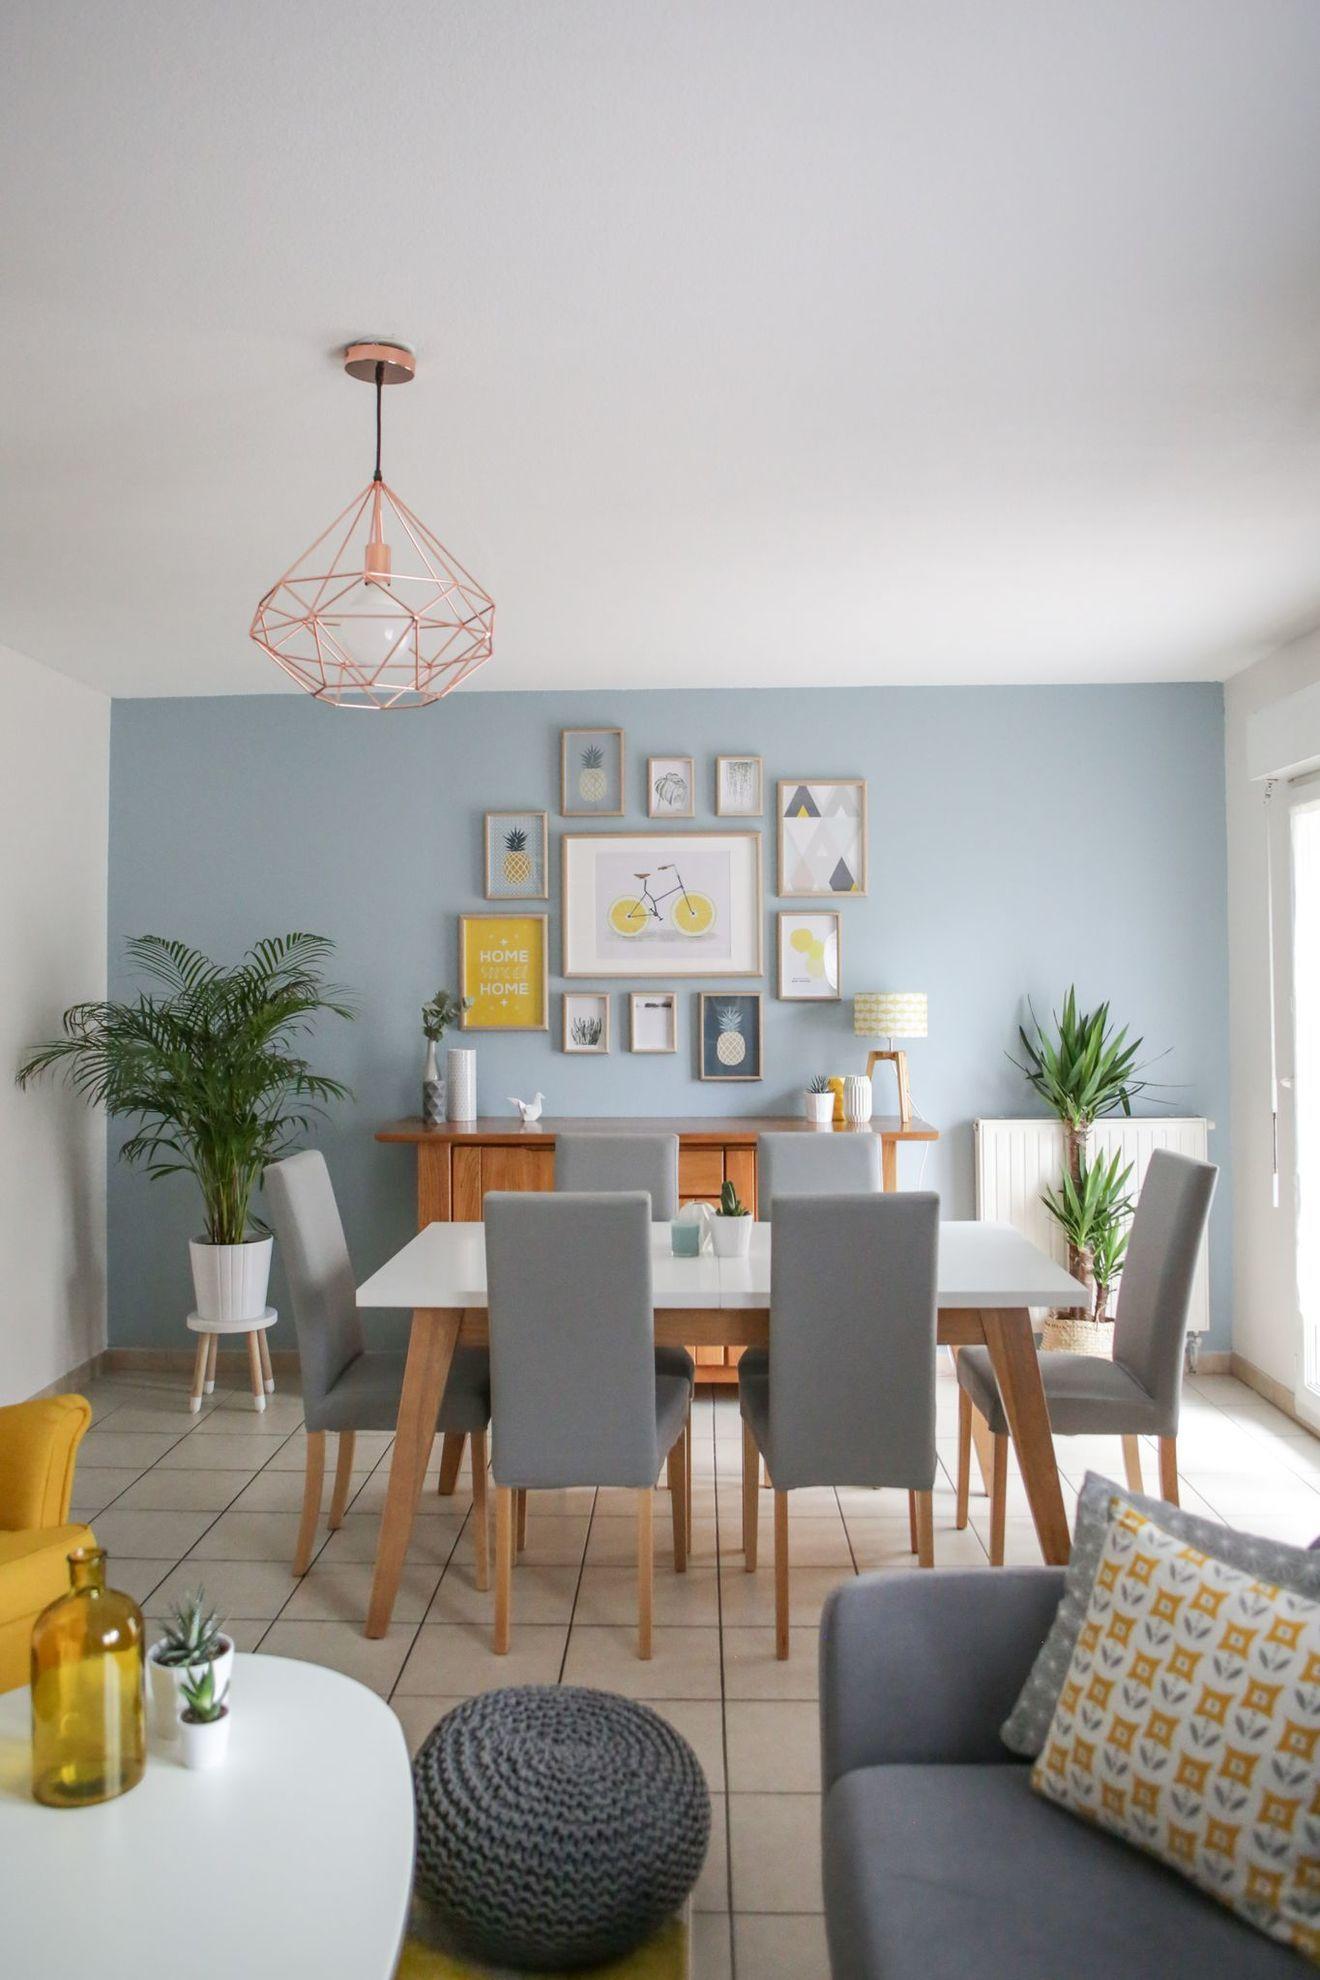 Salle à manger ouverte sur le salon : idées déco et inspiration | Déco salle à manger, Idee deco ...